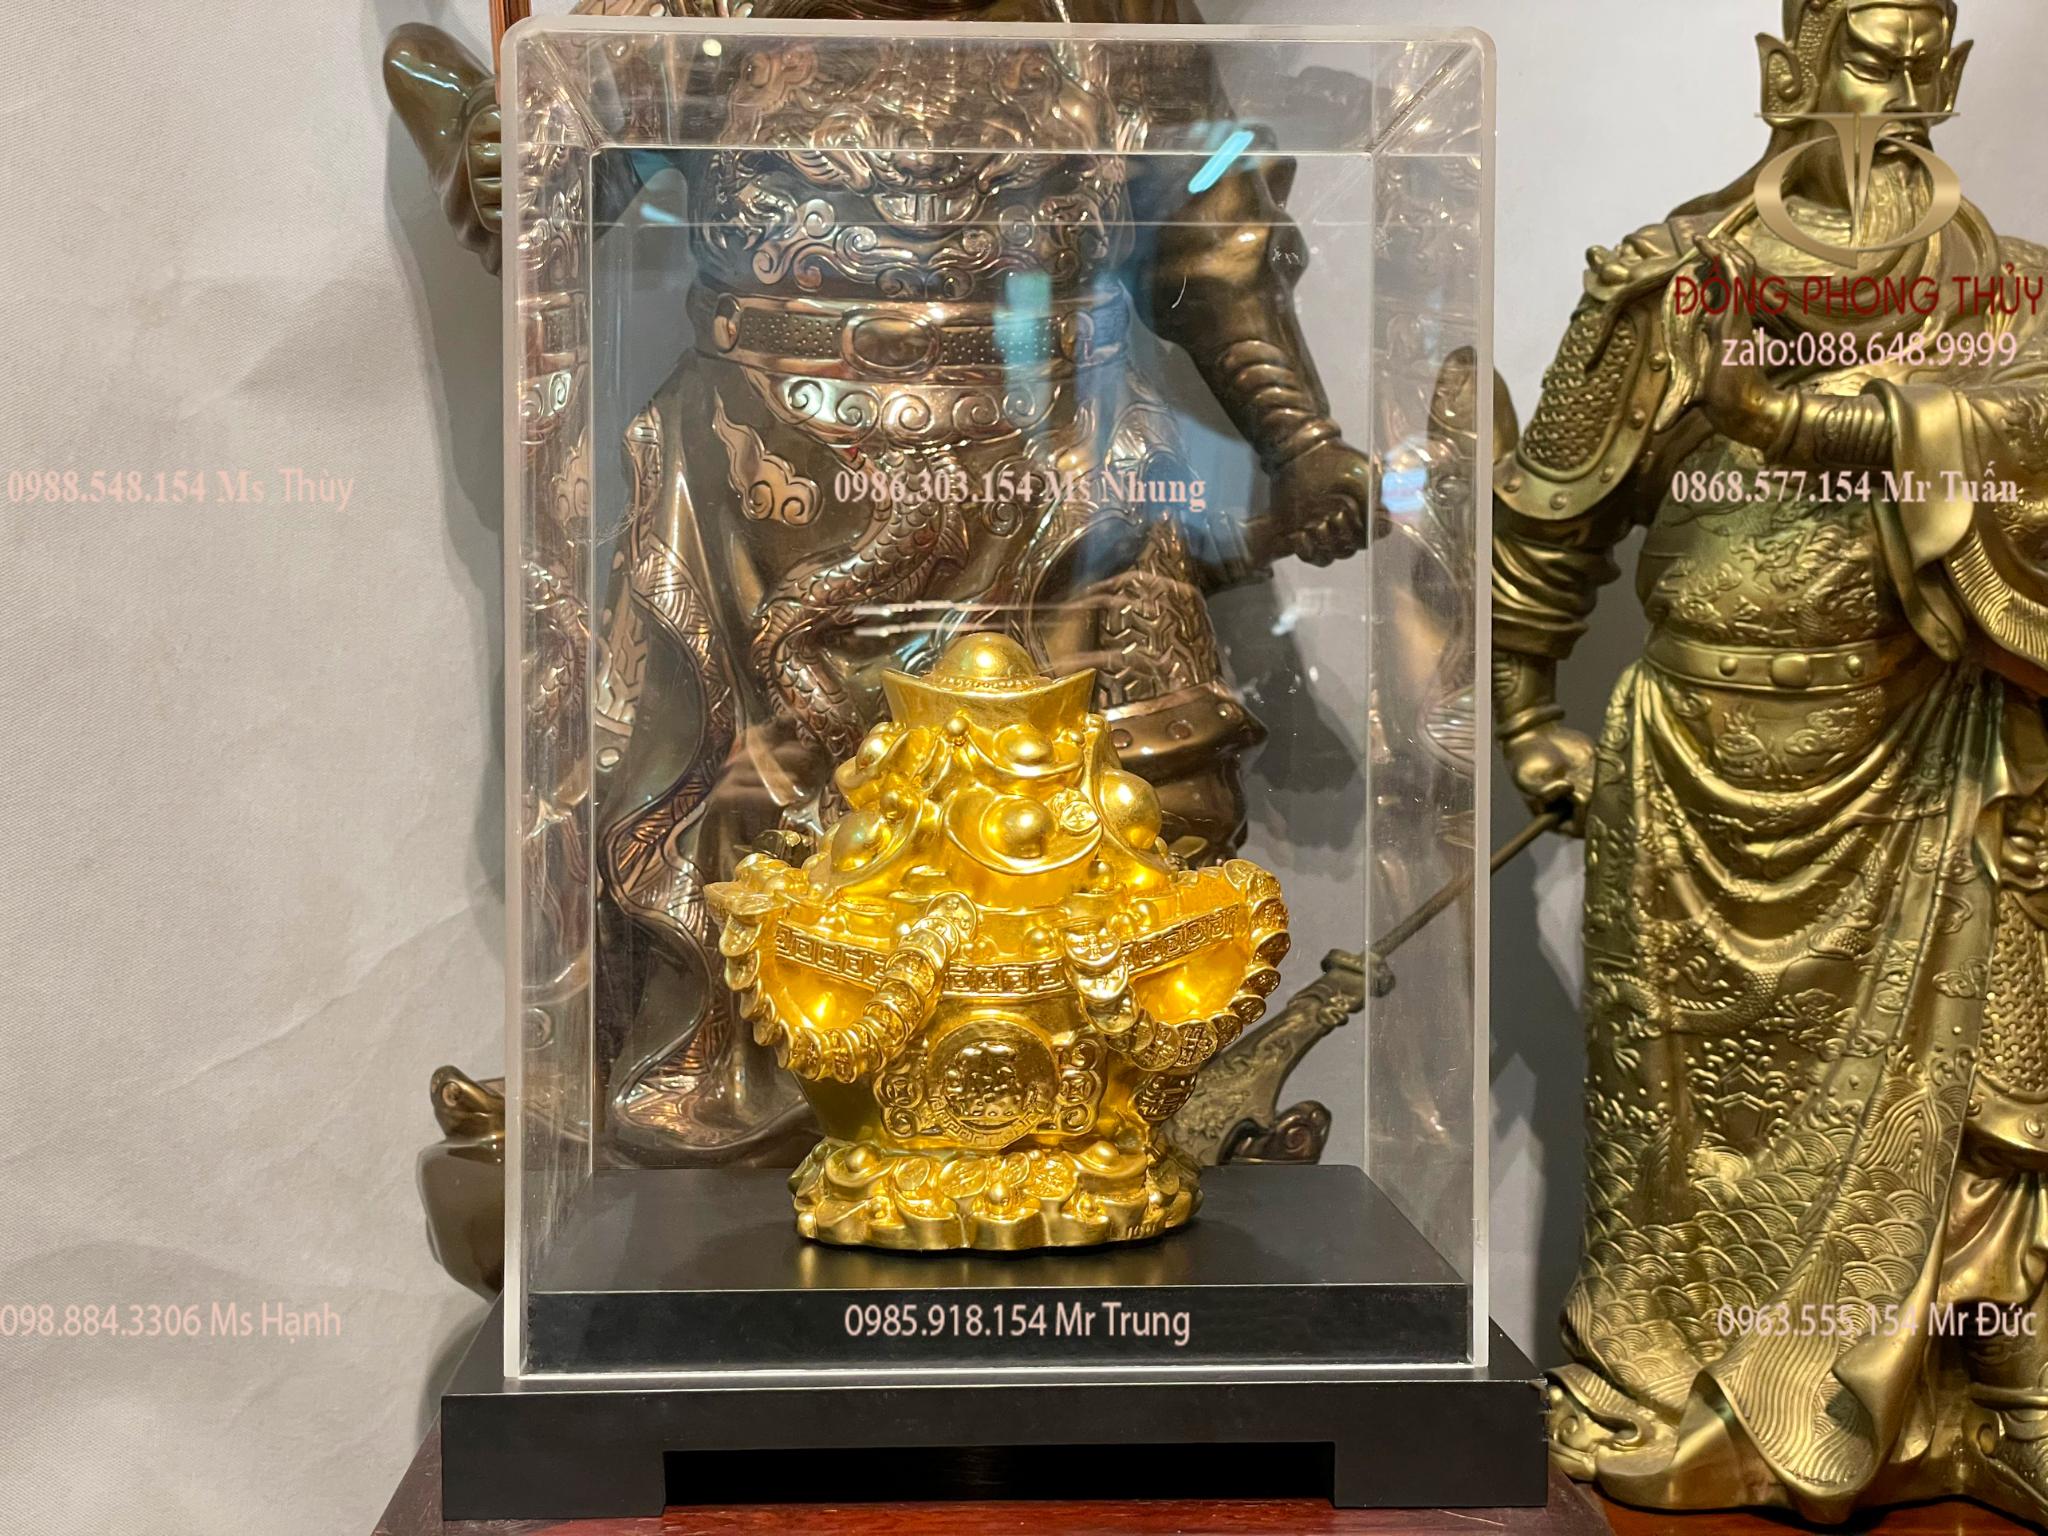 Thỏi vàng phong thủy bằng đồng phủ vàng 9999